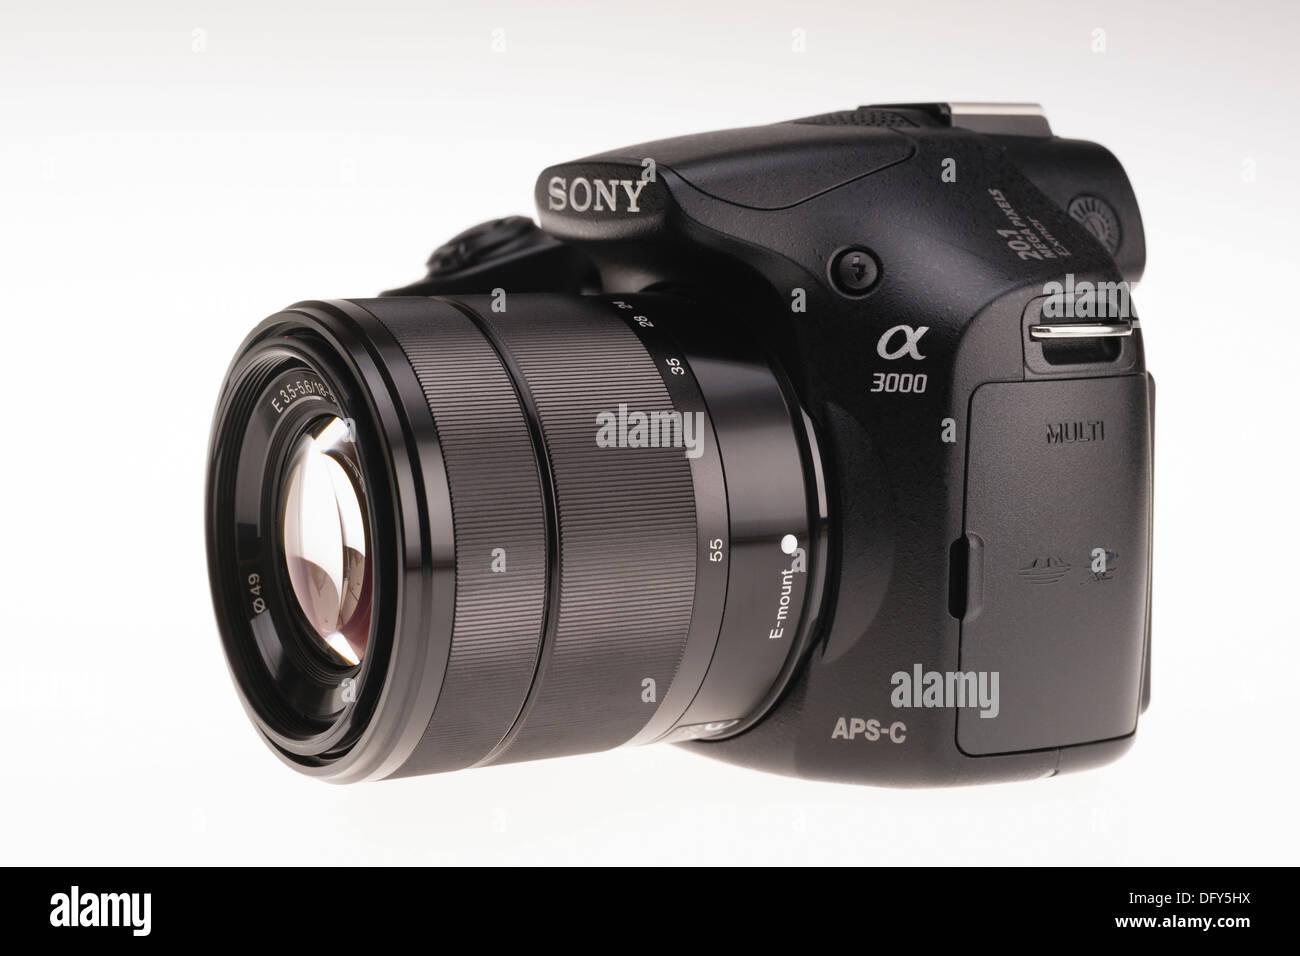 Sony Camera Stock Photos & Sony Camera Stock Images - Alamy